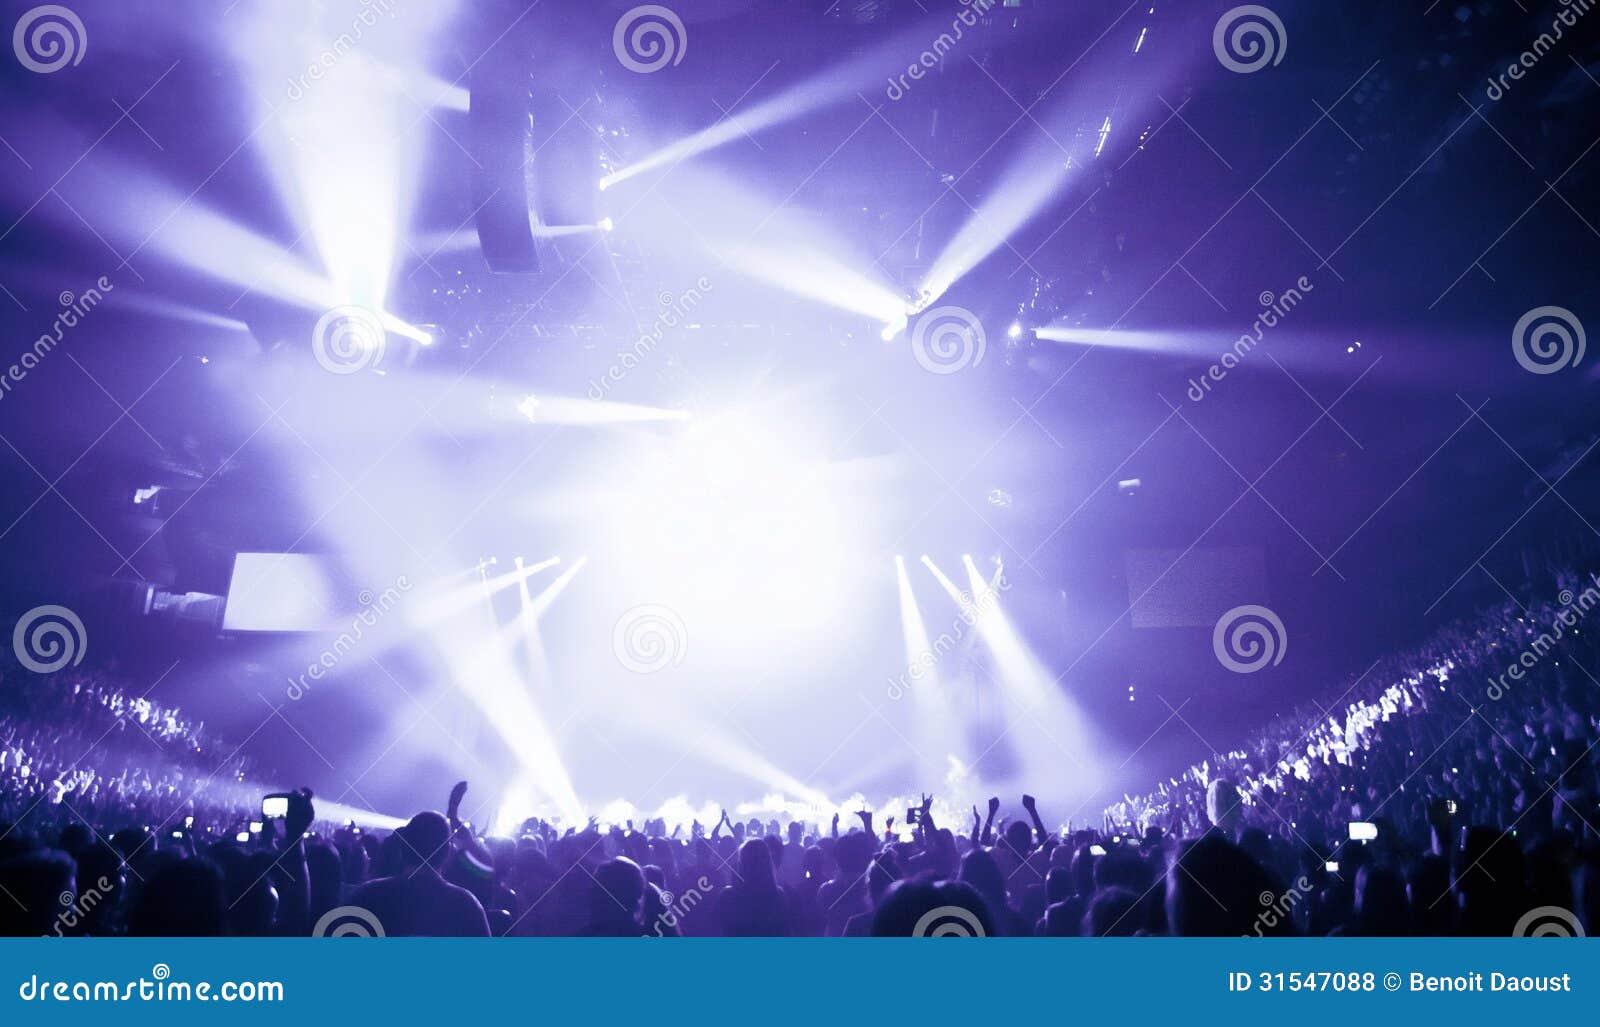 Μεγάλη συναυλία ζωντανής μουσικής